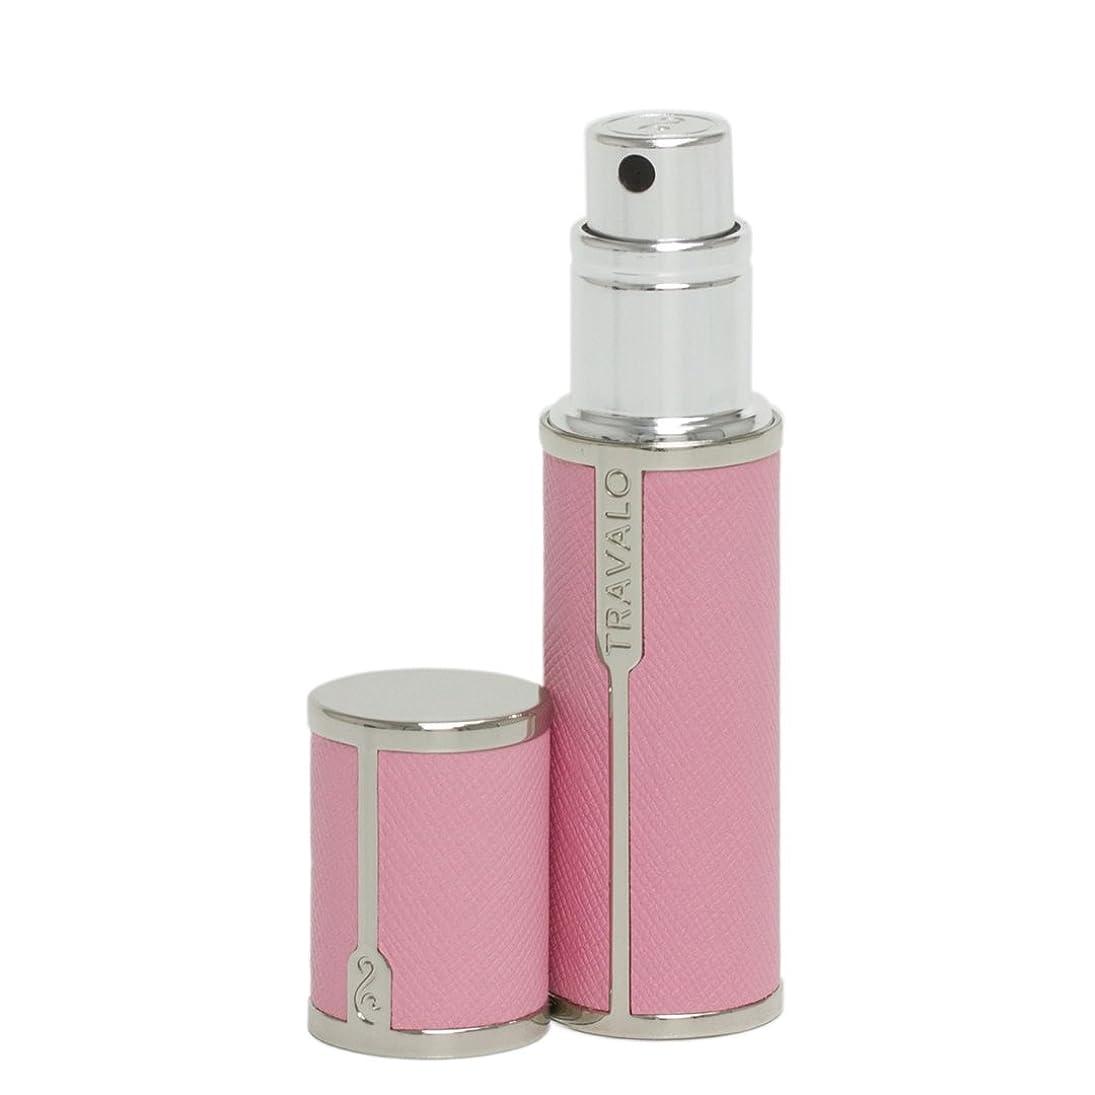 ラップトップアーティキュレーション衣装香水アトマイザー Travalo Milano トラヴァーロ ミラノ 香水 アトマイザー ピンク